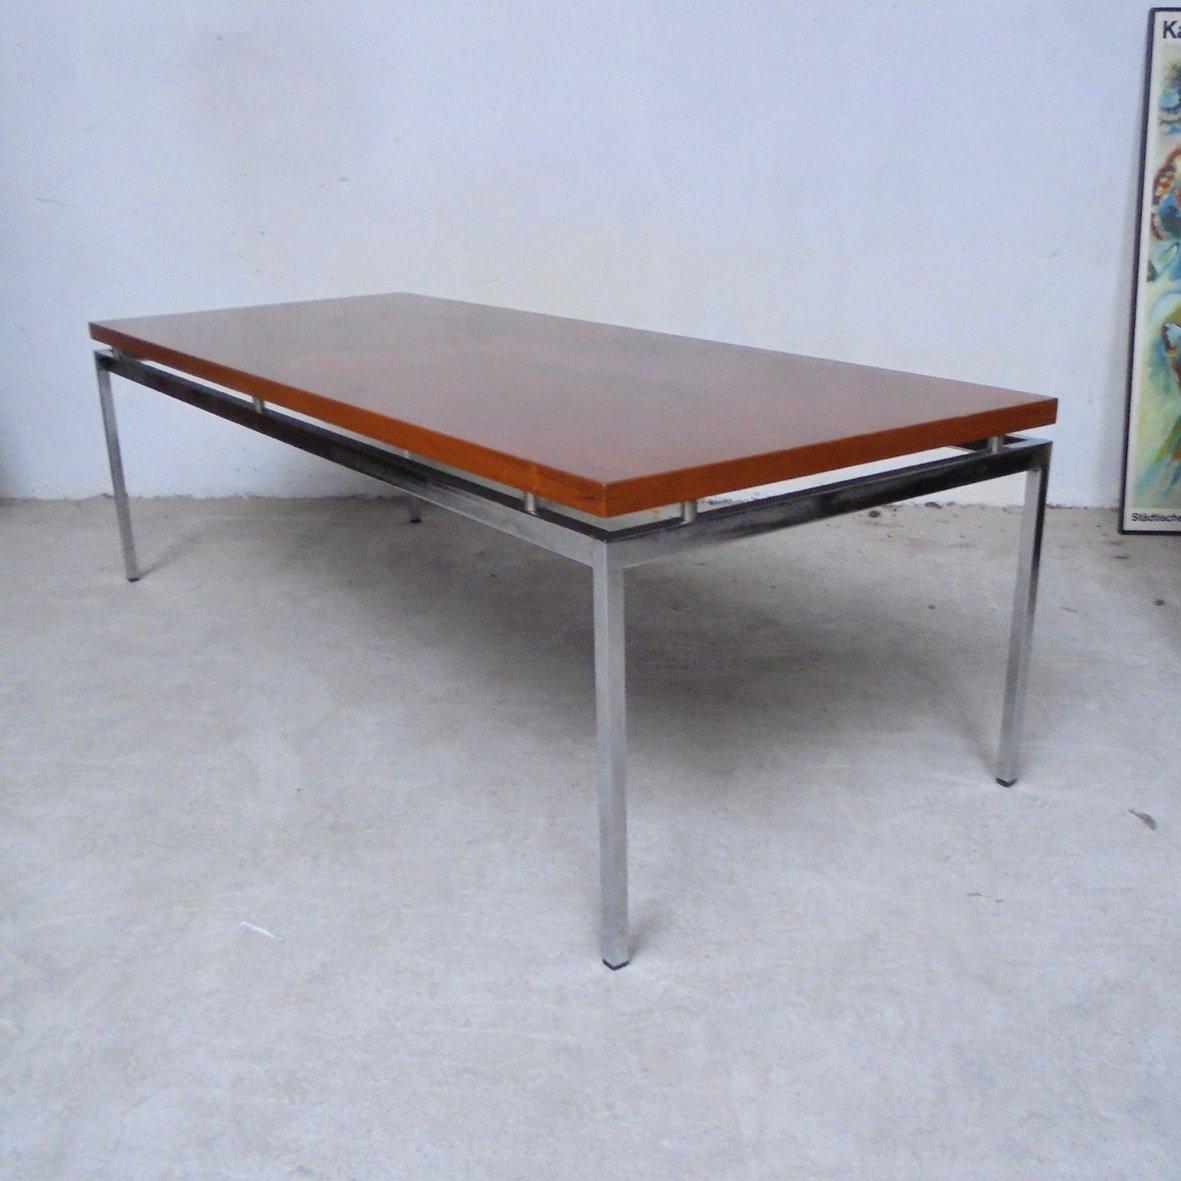 franz sischer couchtisch aus wurzelholz 1970er bei pamono kaufen. Black Bedroom Furniture Sets. Home Design Ideas